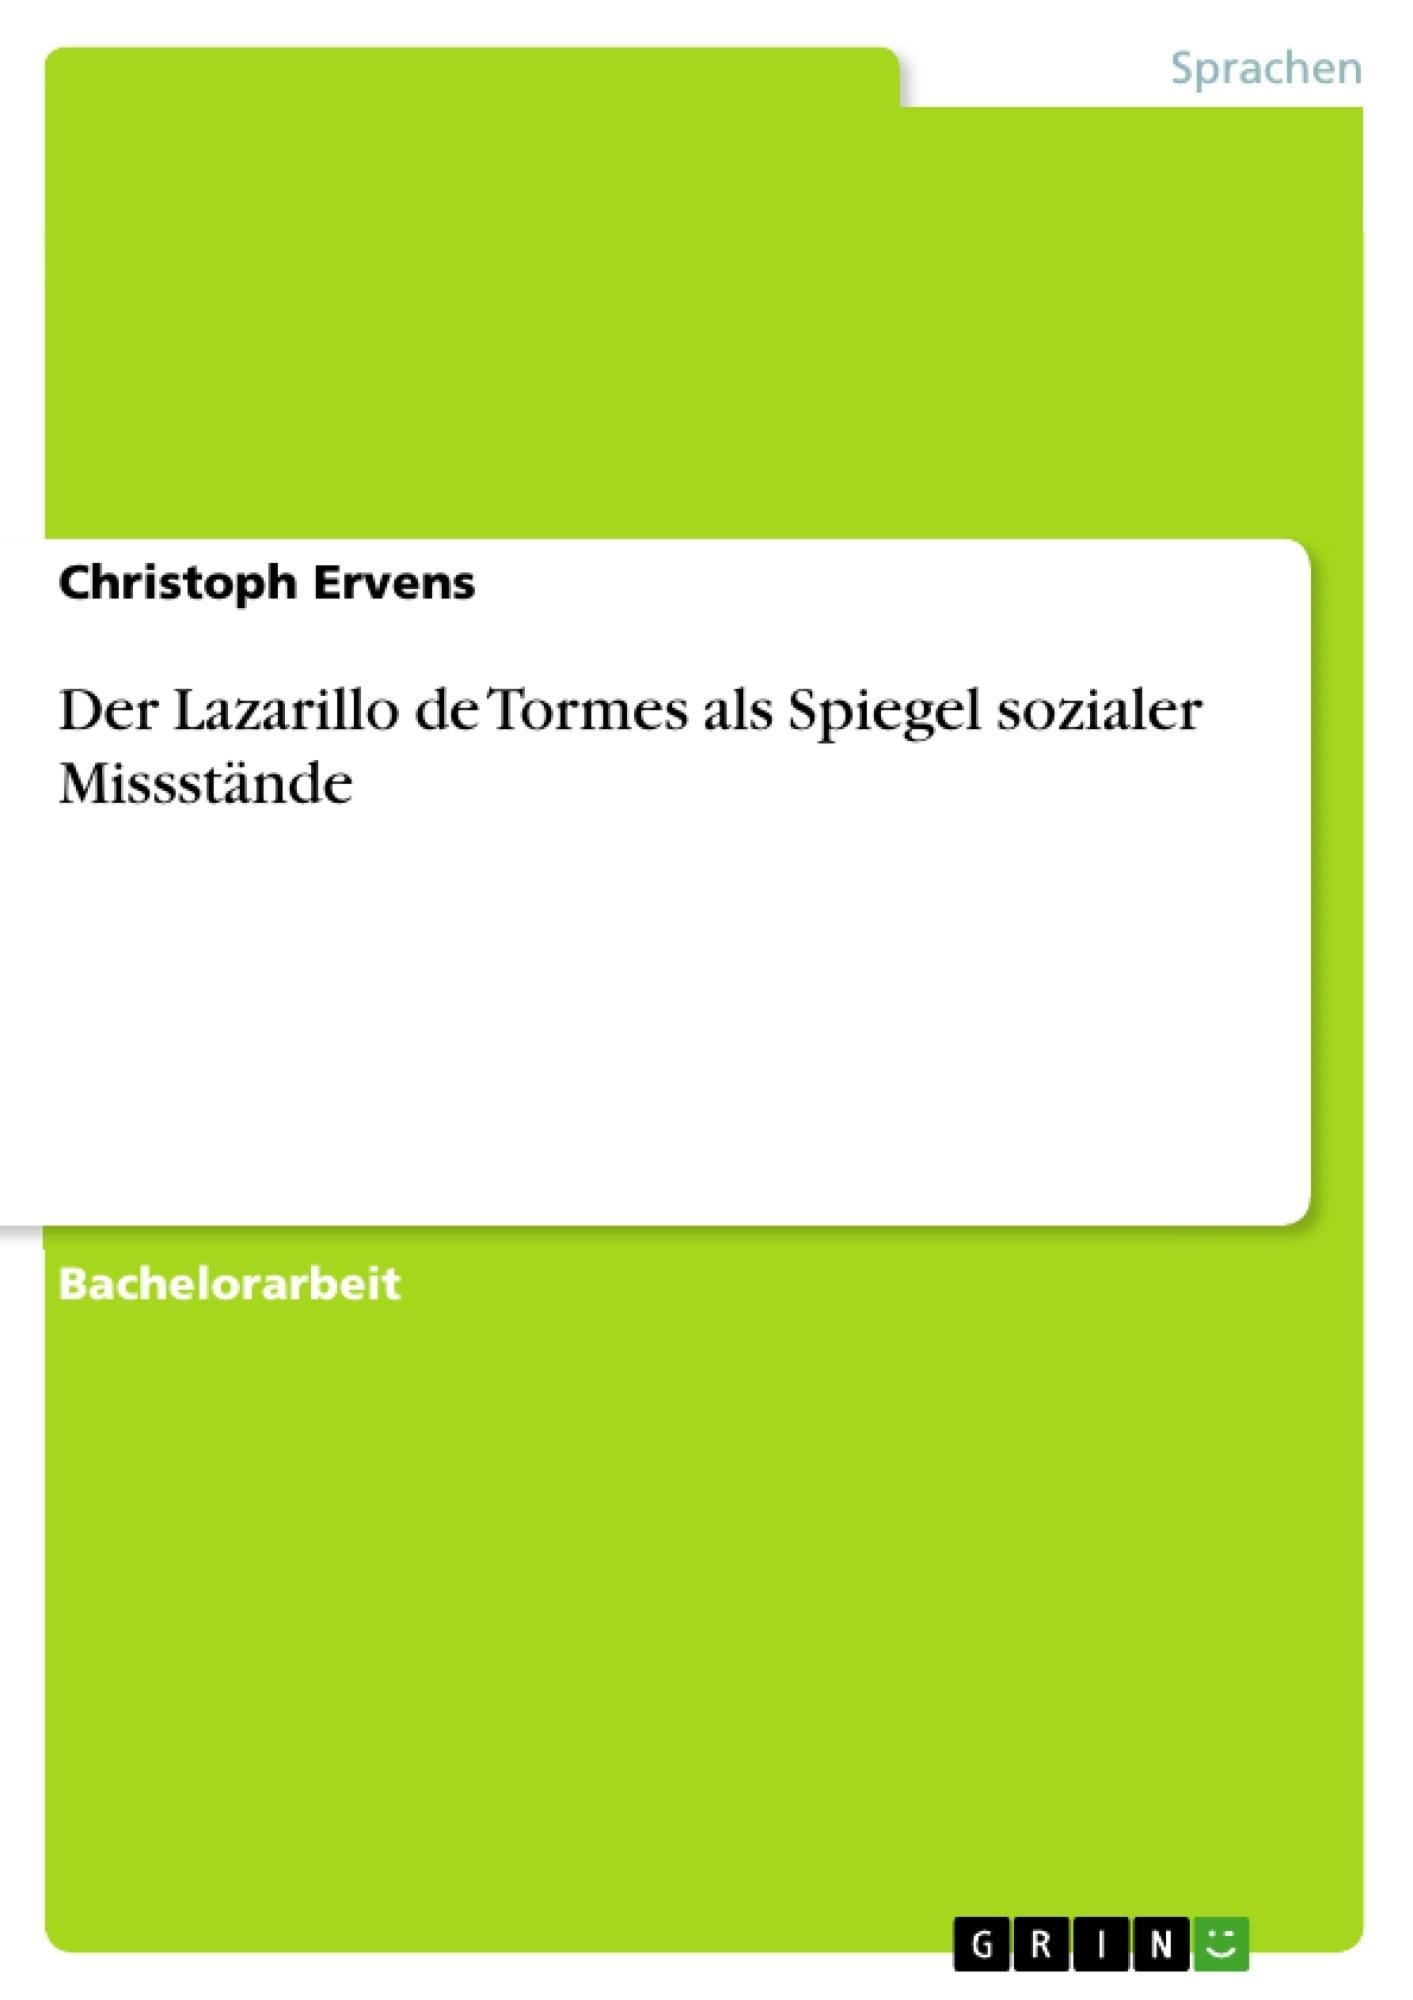 Titel: Der Lazarillo de Tormes als Spiegel sozialer Missstände